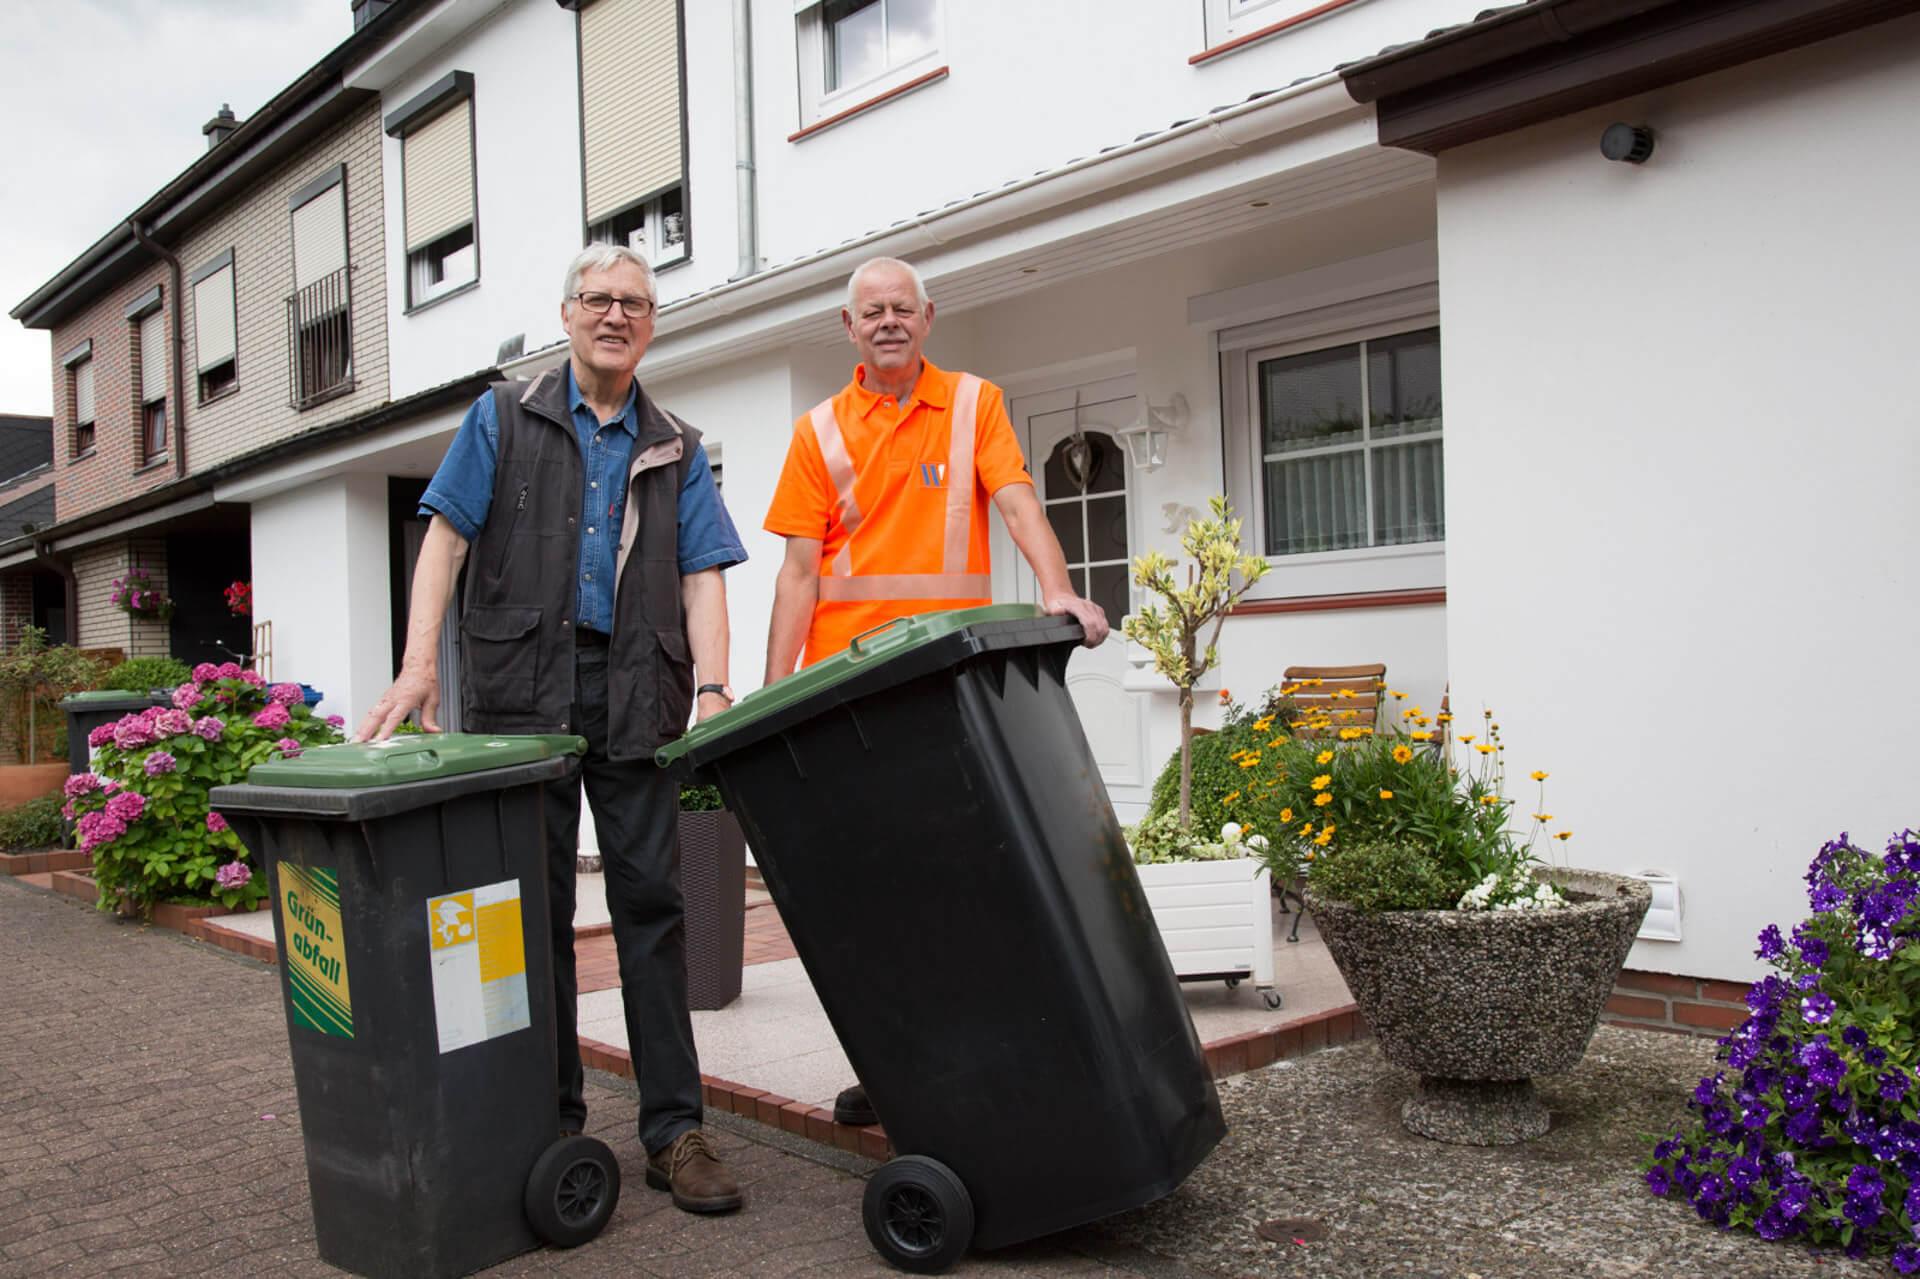 Mitarbeiter der Entsorgung bei der Arbeit mit zwei Mülltonnen